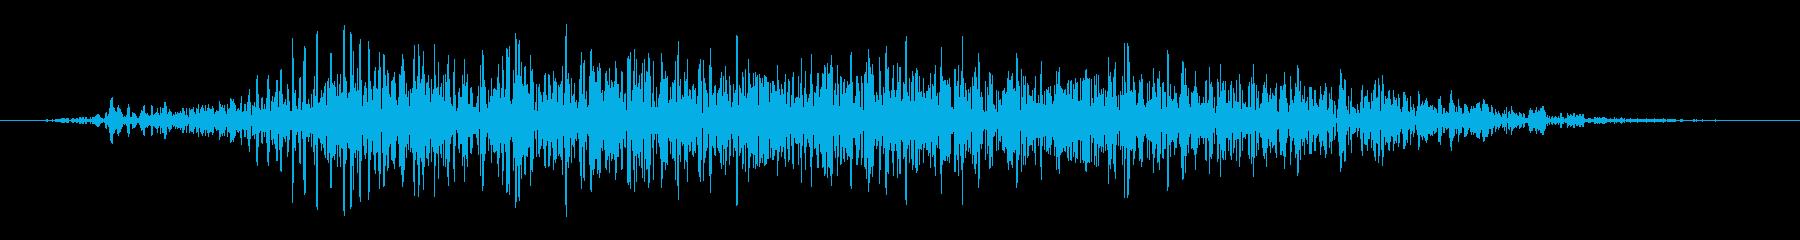 フライング ドラゴン ダメージ 中の再生済みの波形